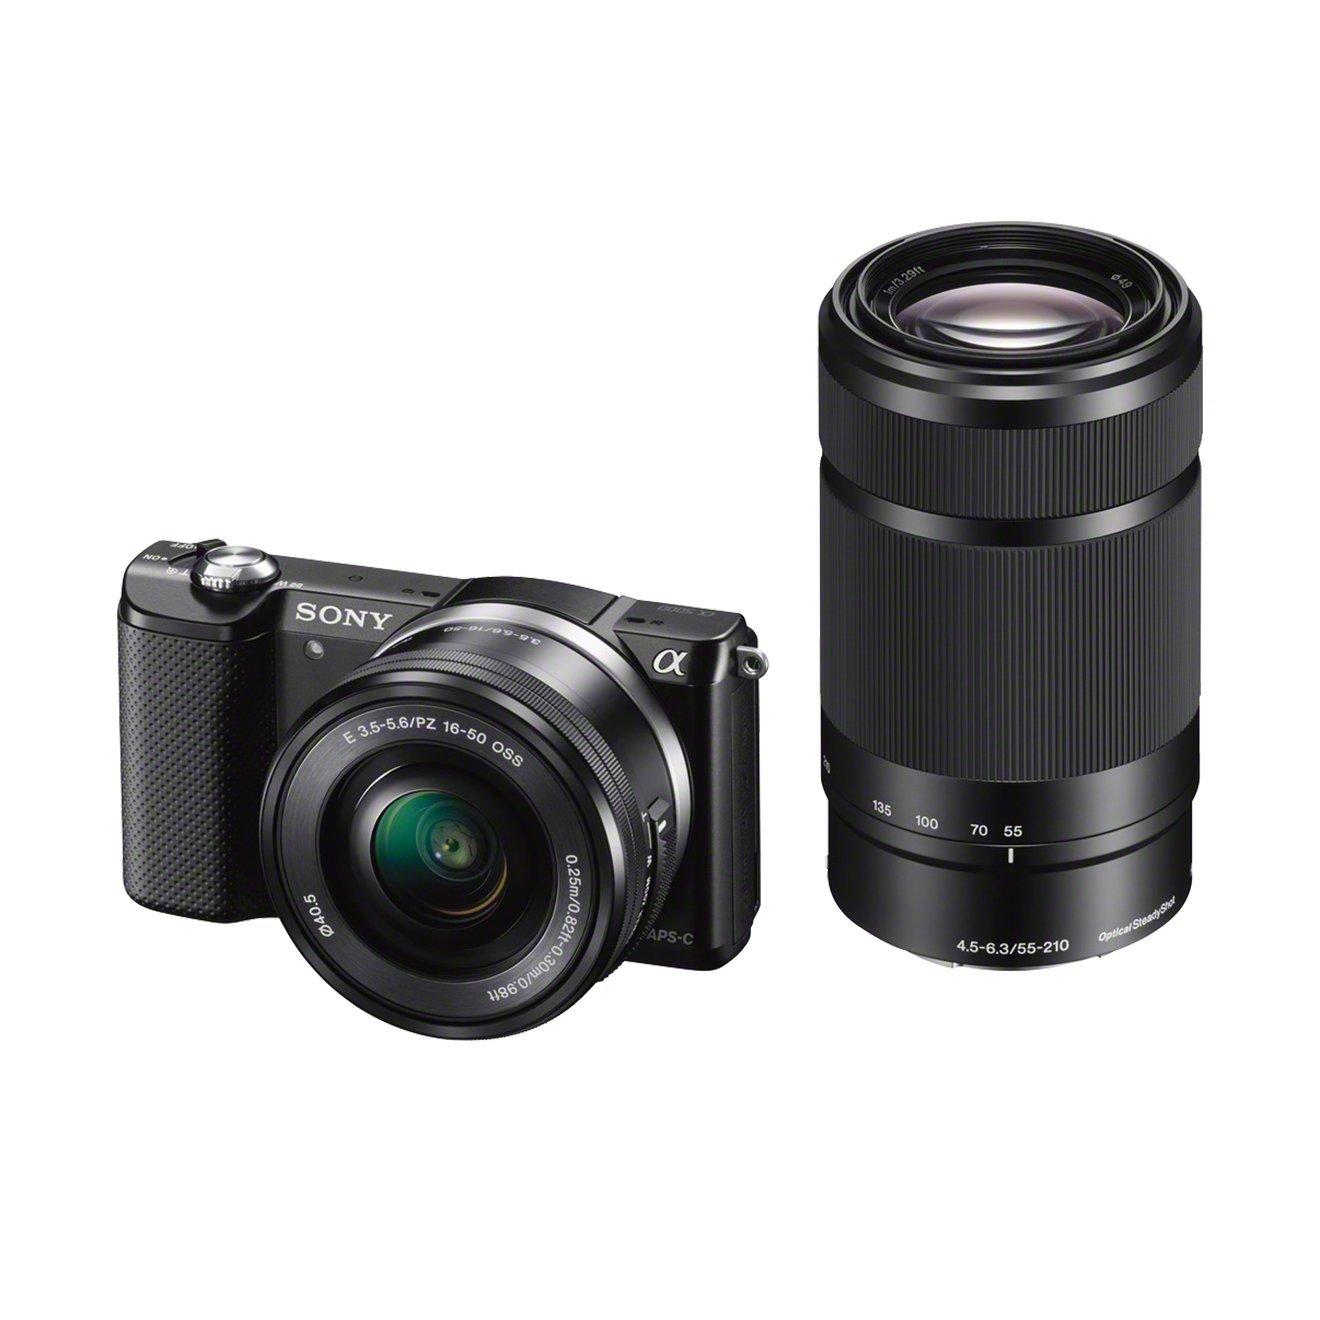 Sony Alpha 5000Y Fotocamera Digitale Compatta con Obiettivo Intercambiabile, Sensore APS-C CMOS Exmor HD da 20,1 MP, Obiettivi 16-50mm e 55-210mm inclusi, Nero product image